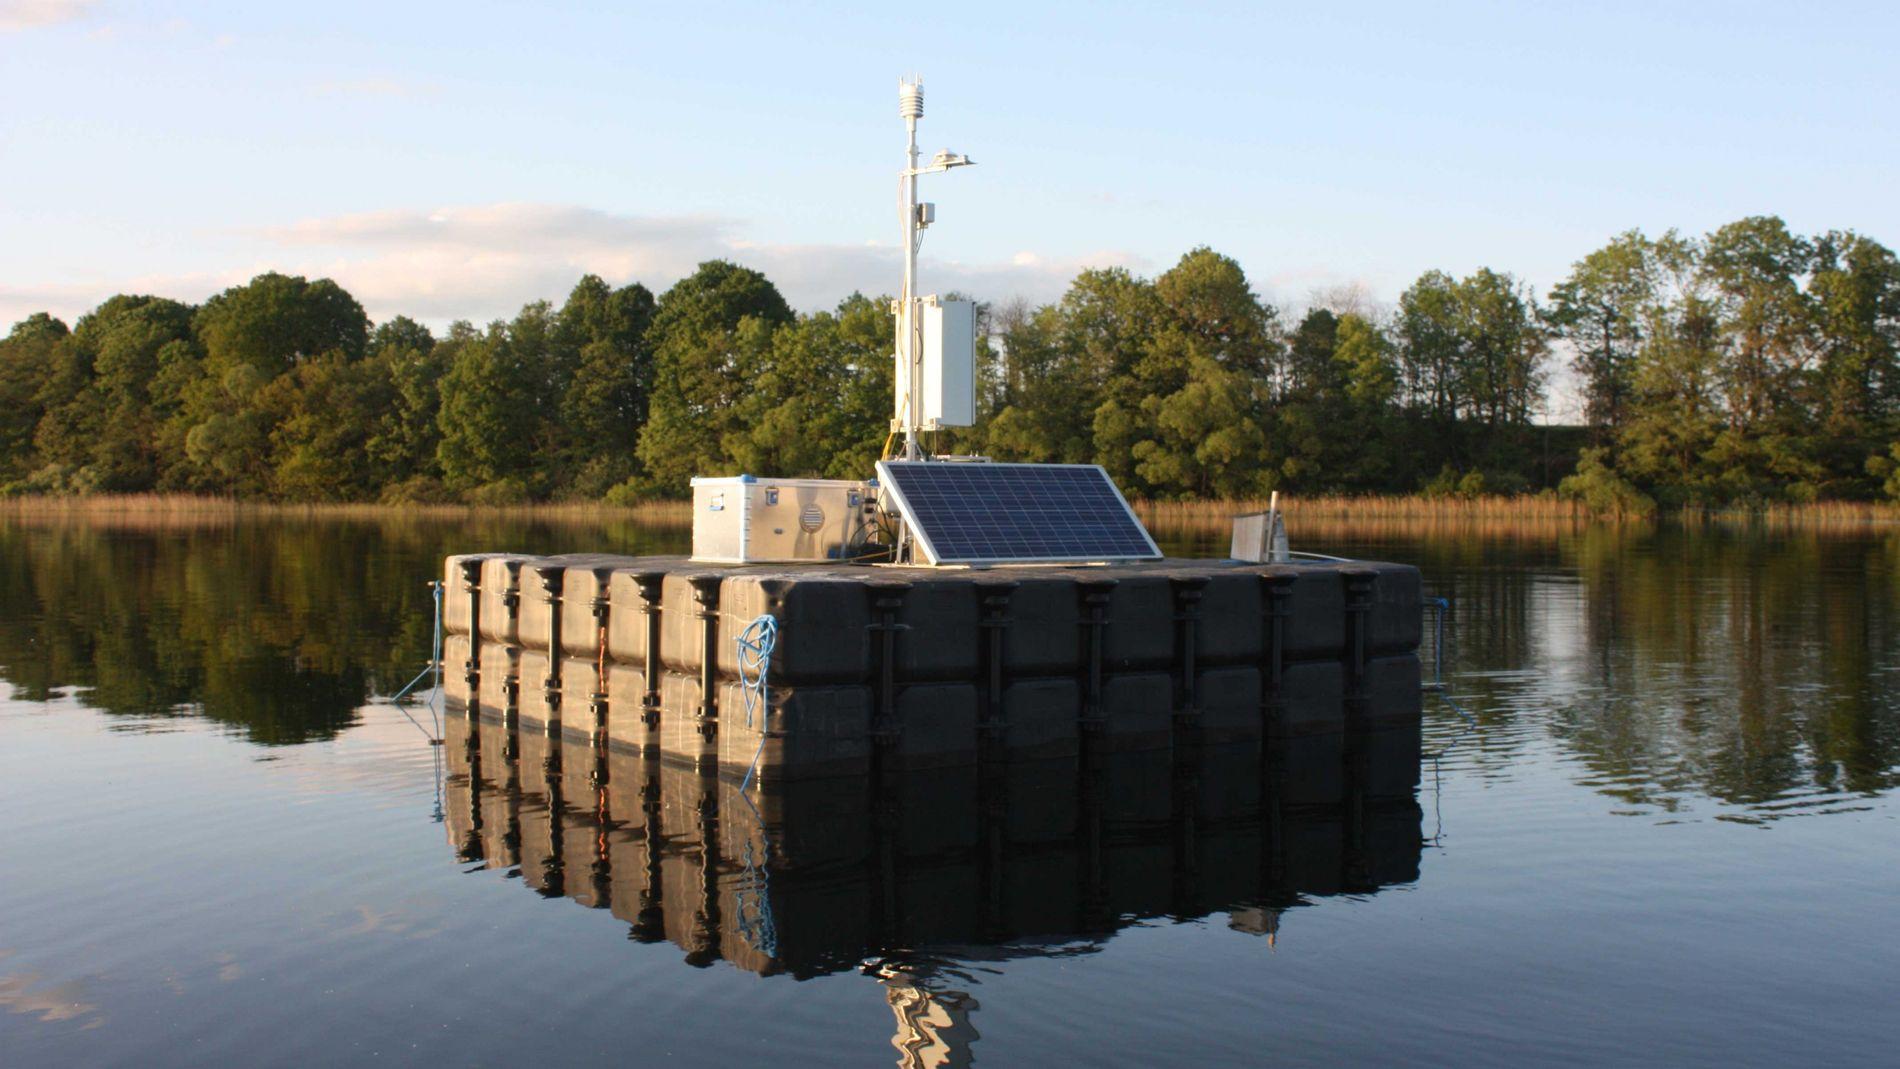 Auf dem Tiefen See der Klocksiner Seenkette schwimmt eine Plattform mit einer Wetterstation. Die Daten nutzen die Wissenschaftler am Deutschen GeoForschungsZentrum für ihr Monitoring.